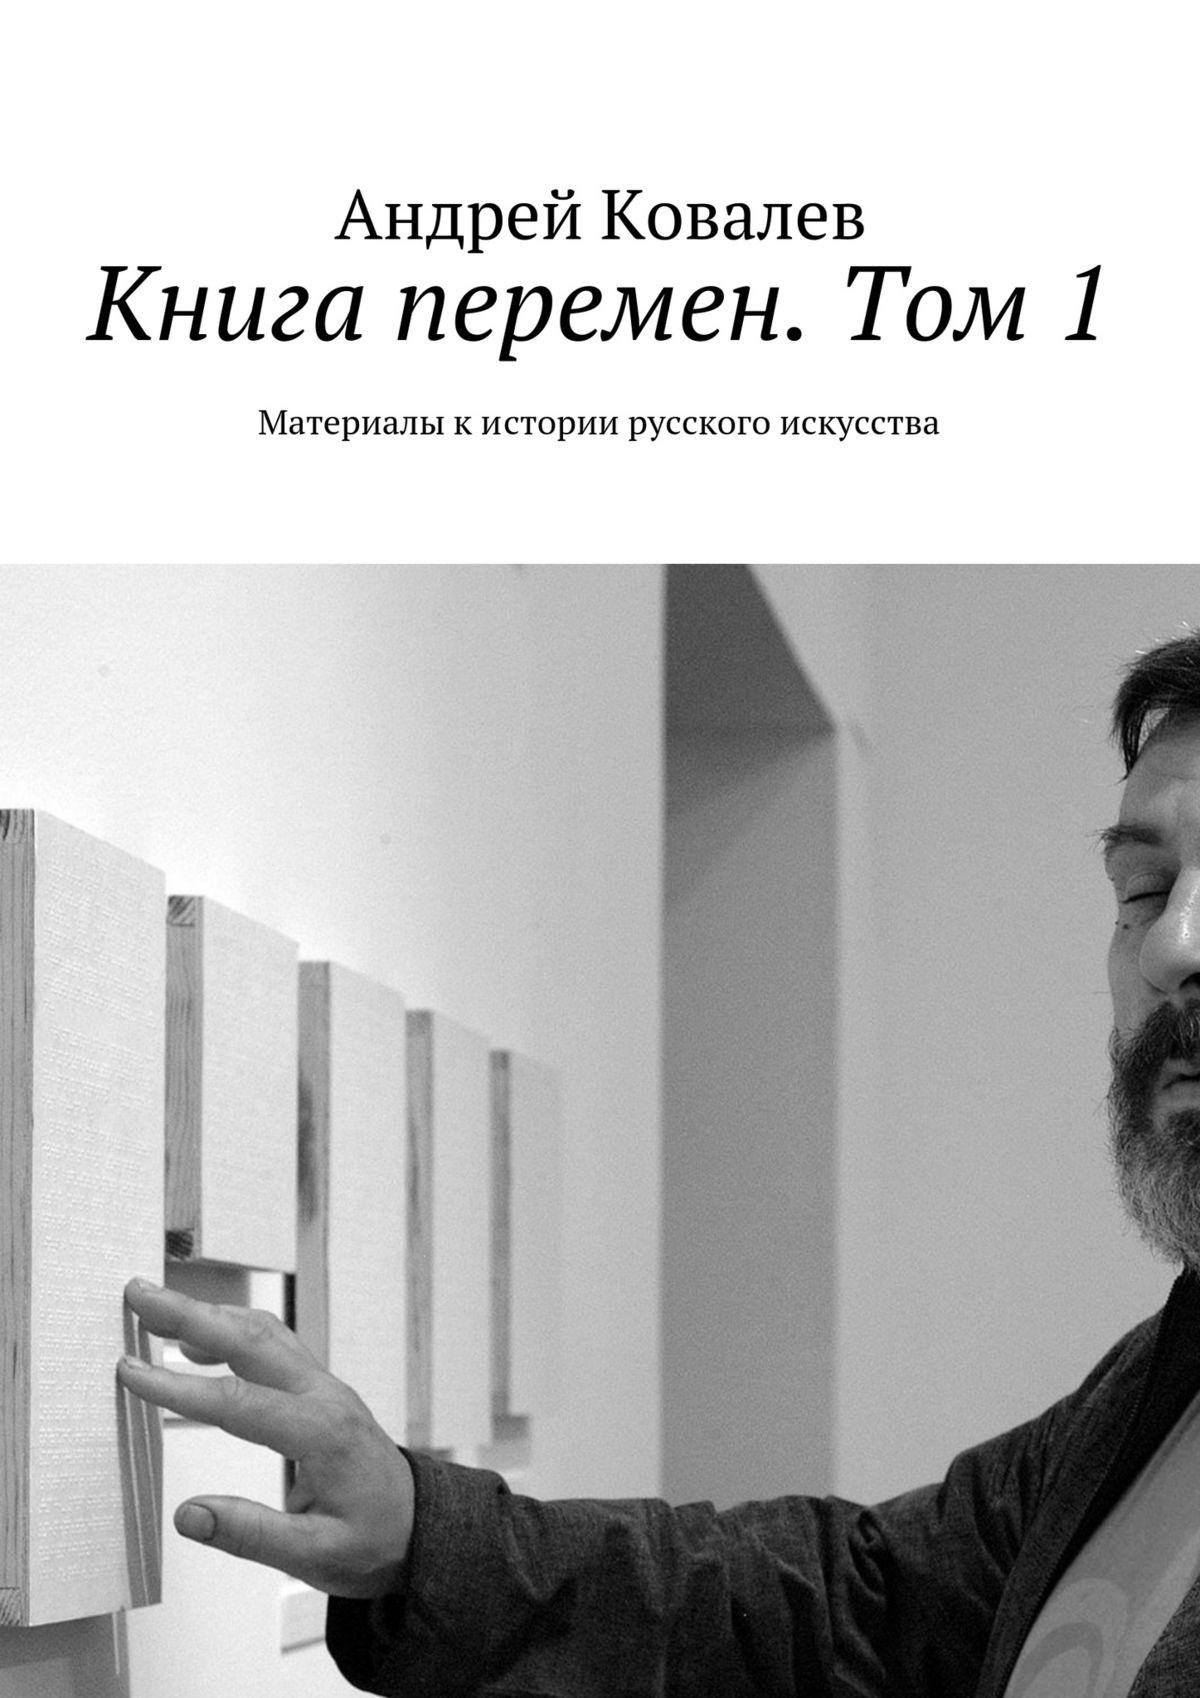 Андрей Ковалев Книга перемен. Том 1. Материалы кистории русского искусства